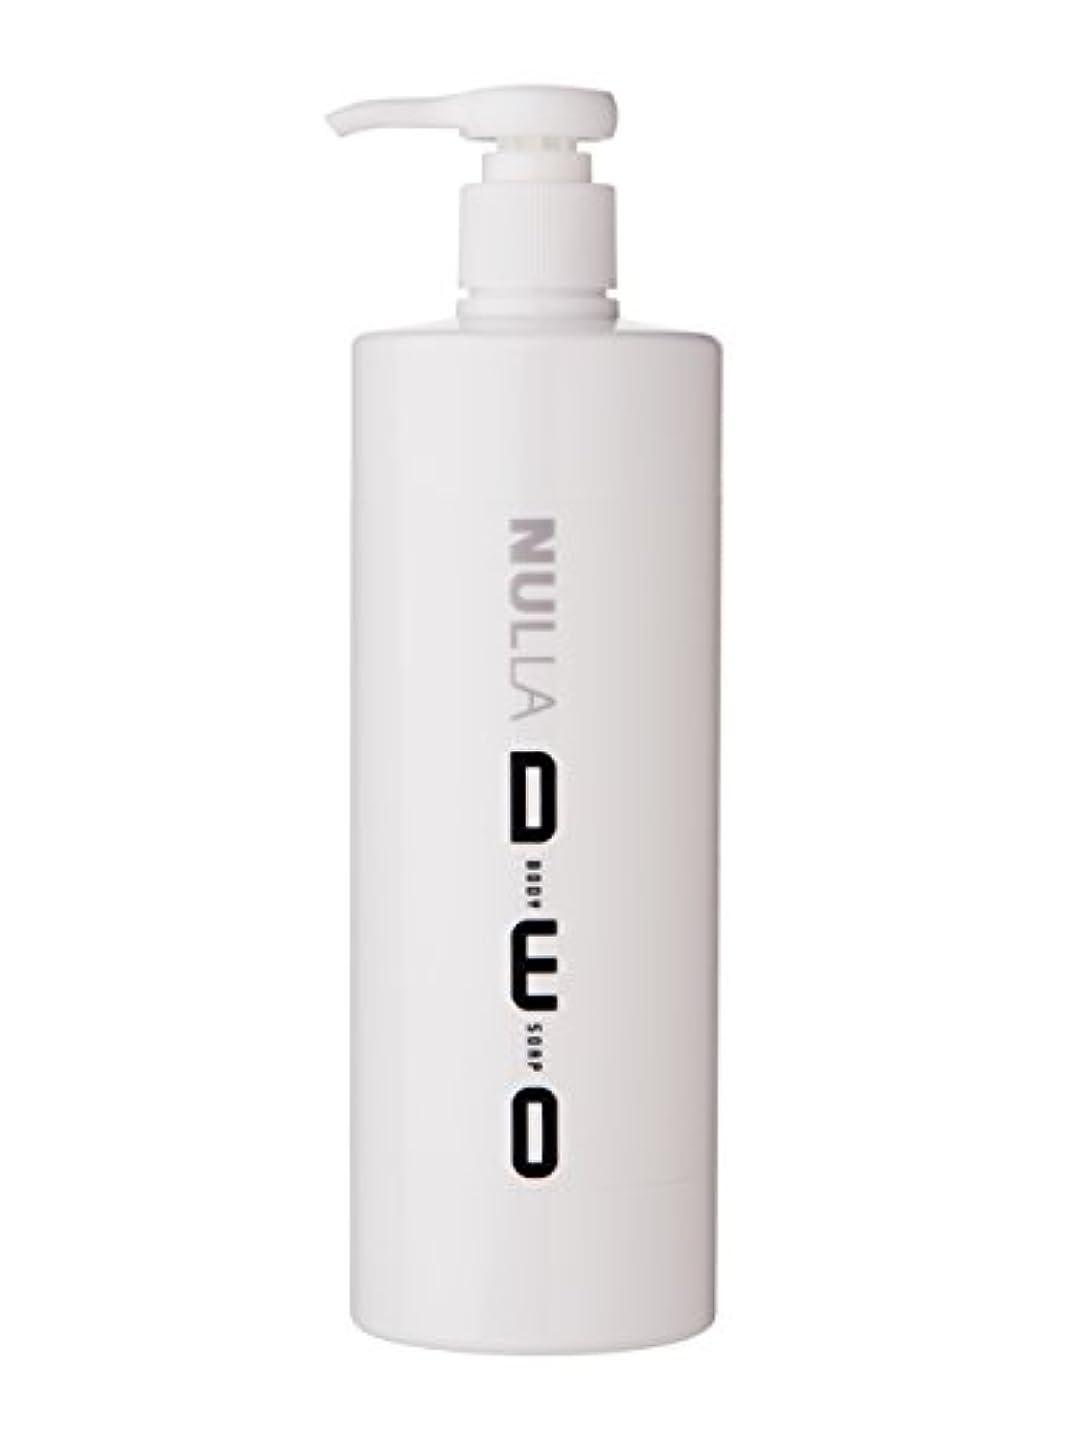 友情たらいショットNULLA(ヌーラ) ヌーラデオ ボディソープ [ニオイ菌を抑制] 500ml 日本製 加齢臭 体臭 対策 シャボンの香り